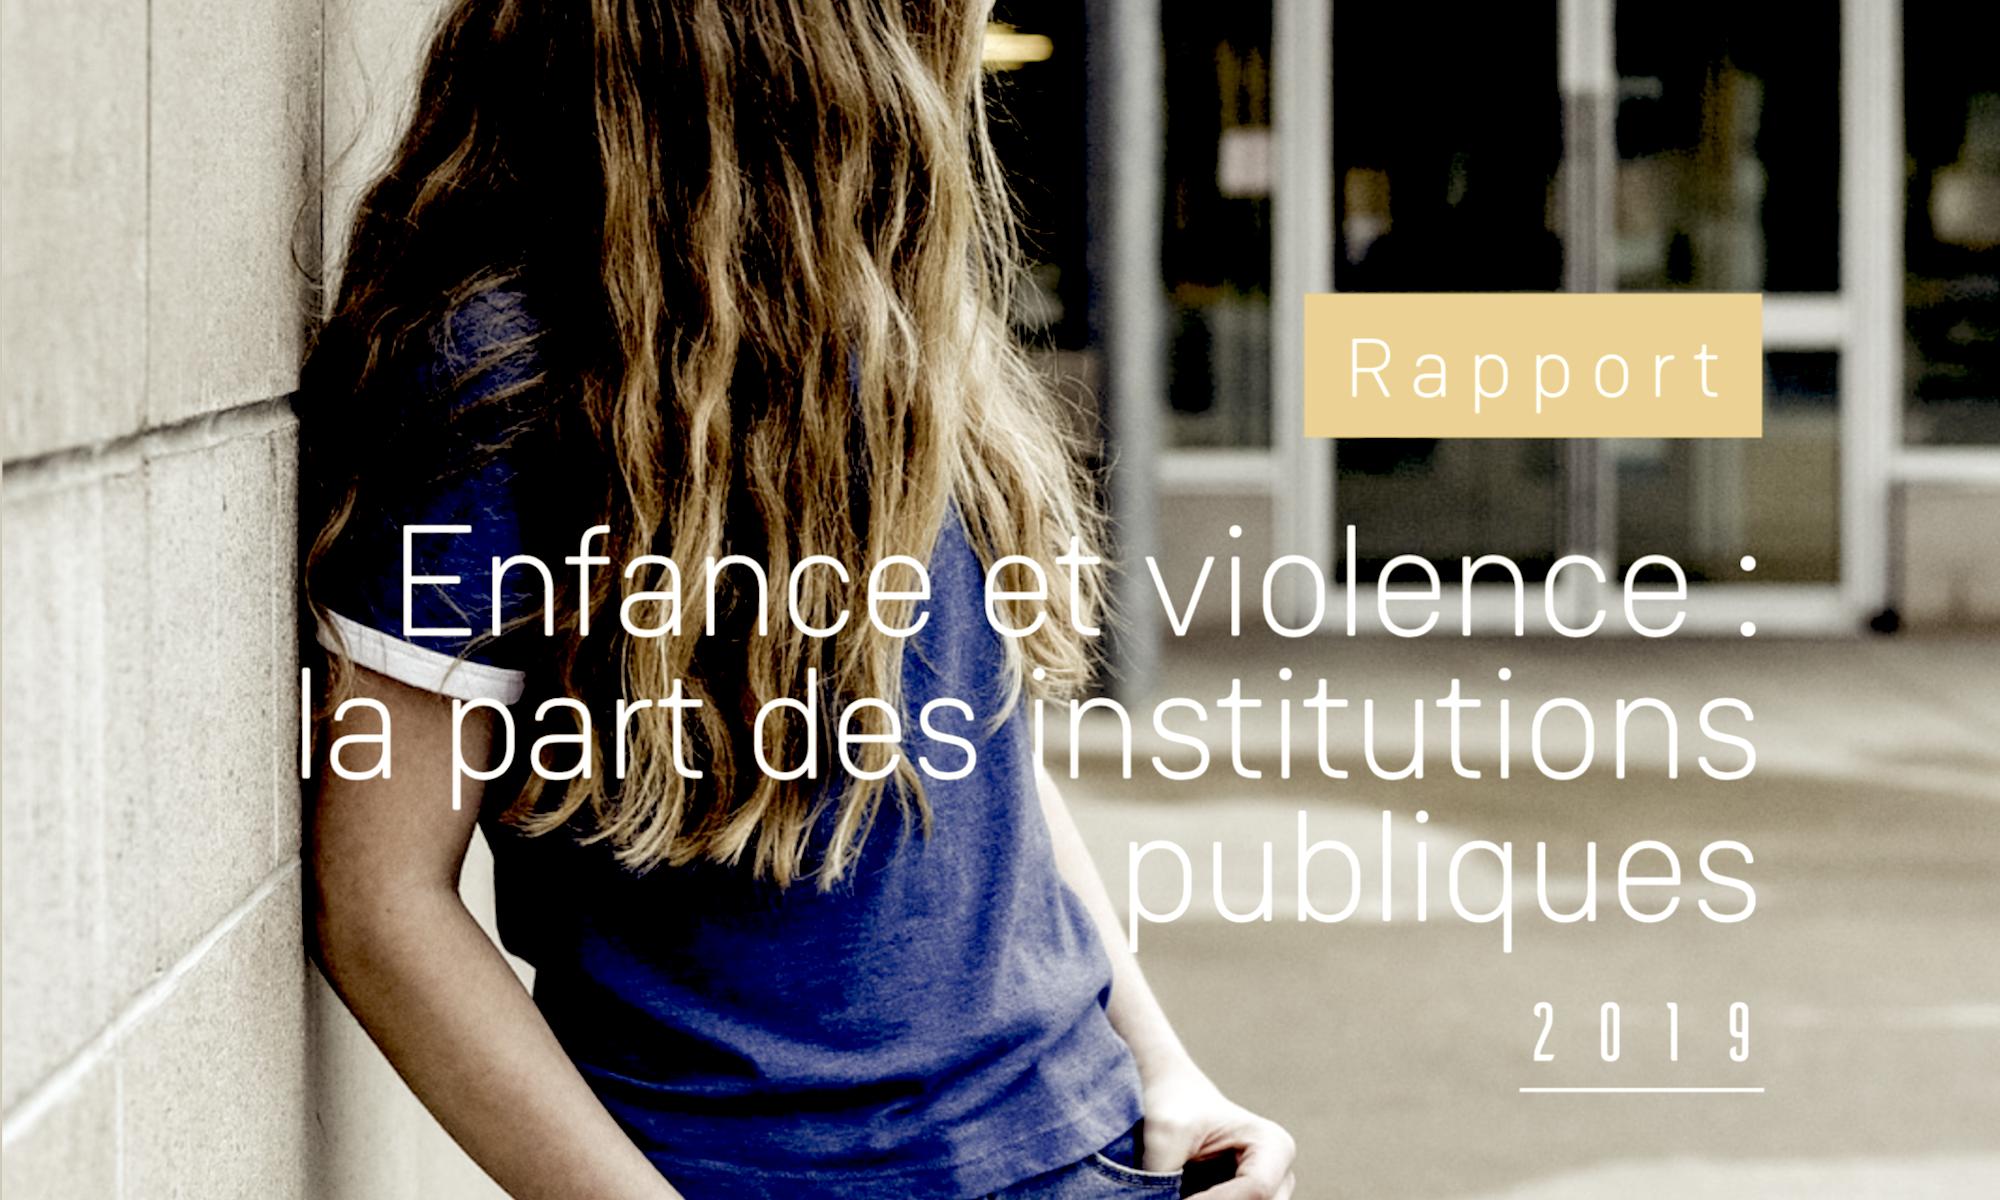 Recommandation 7 du rapport Enfance et violence : la part des institutions publiques